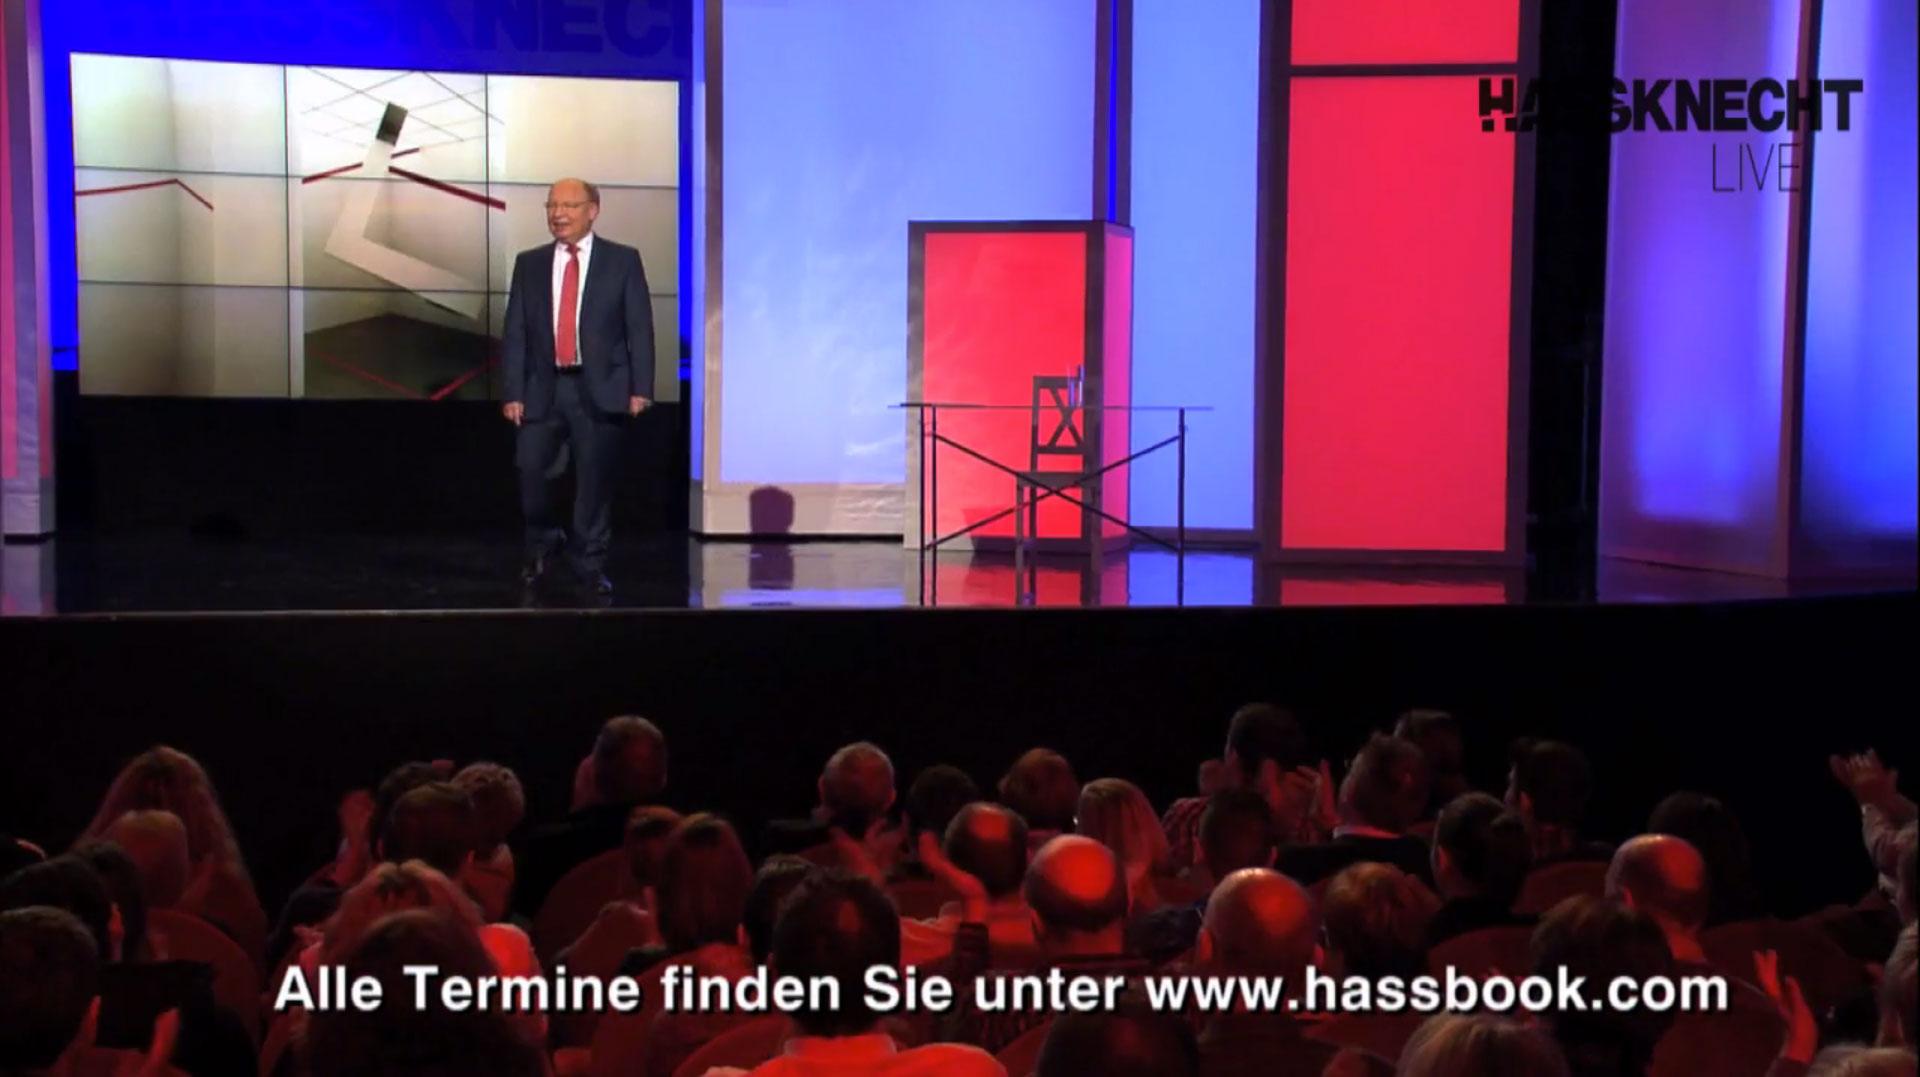 Hassknecht Fabian Koester Heute Show ZDF hassbook Live Oliver Welke Hassknecht Politik Satire Humor